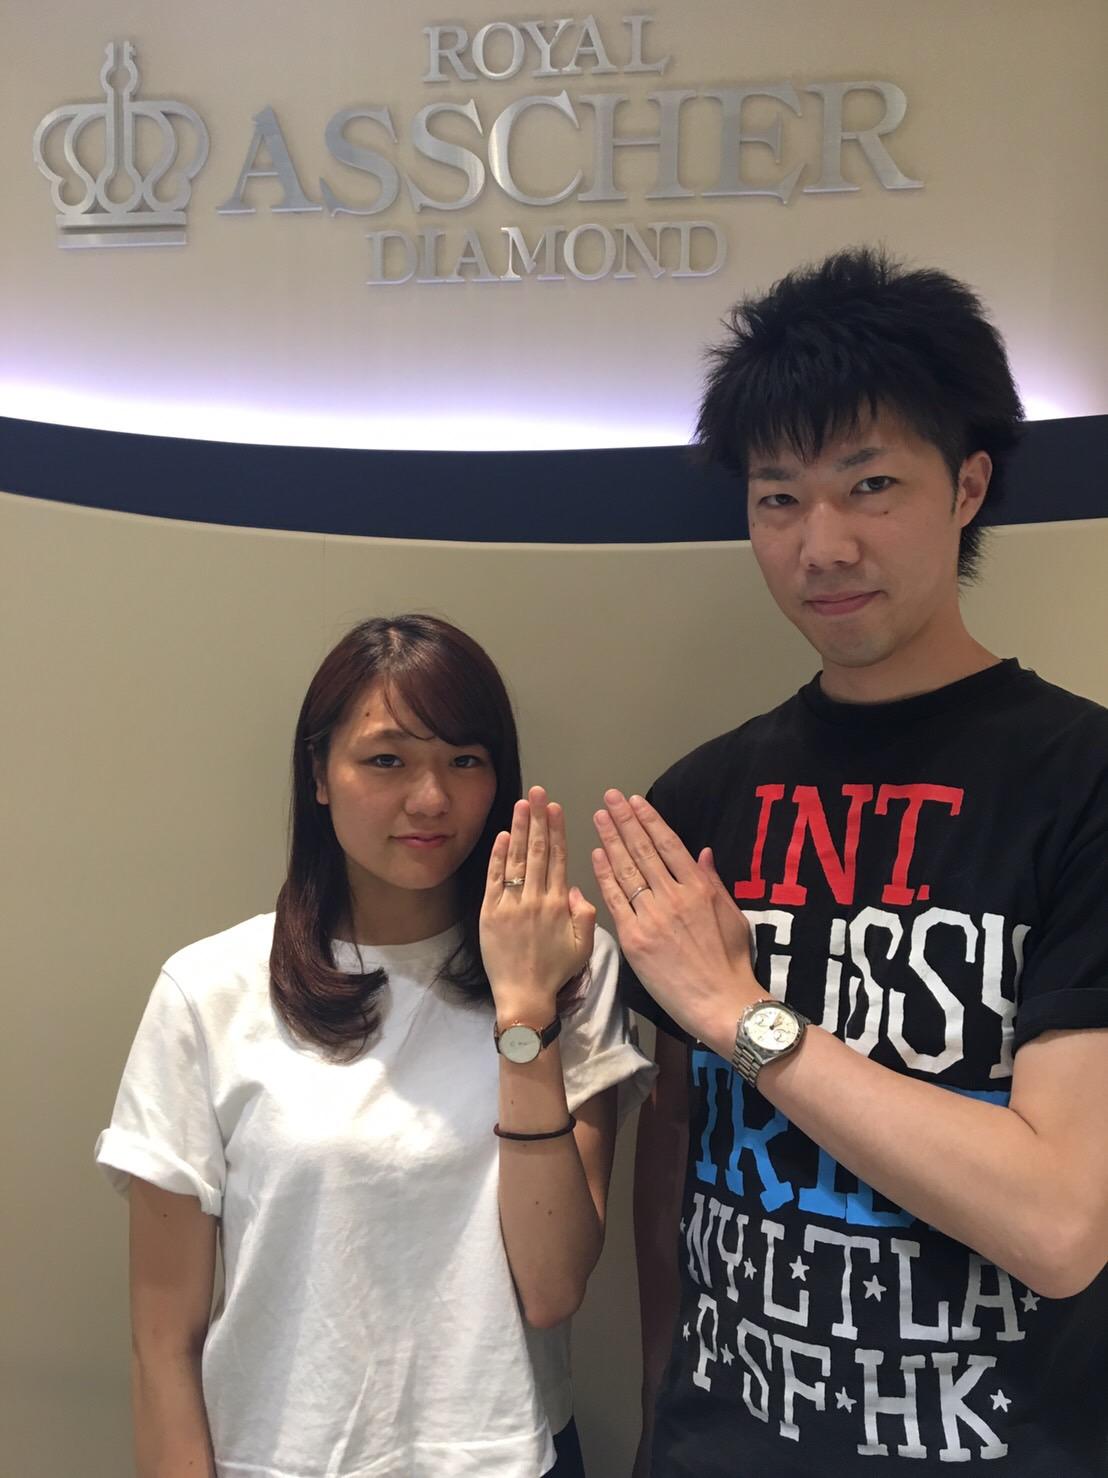 【長野市】ロイヤルアッシャーダイヤモンドのご婚約指輪とご結婚指輪をお作り頂きました!